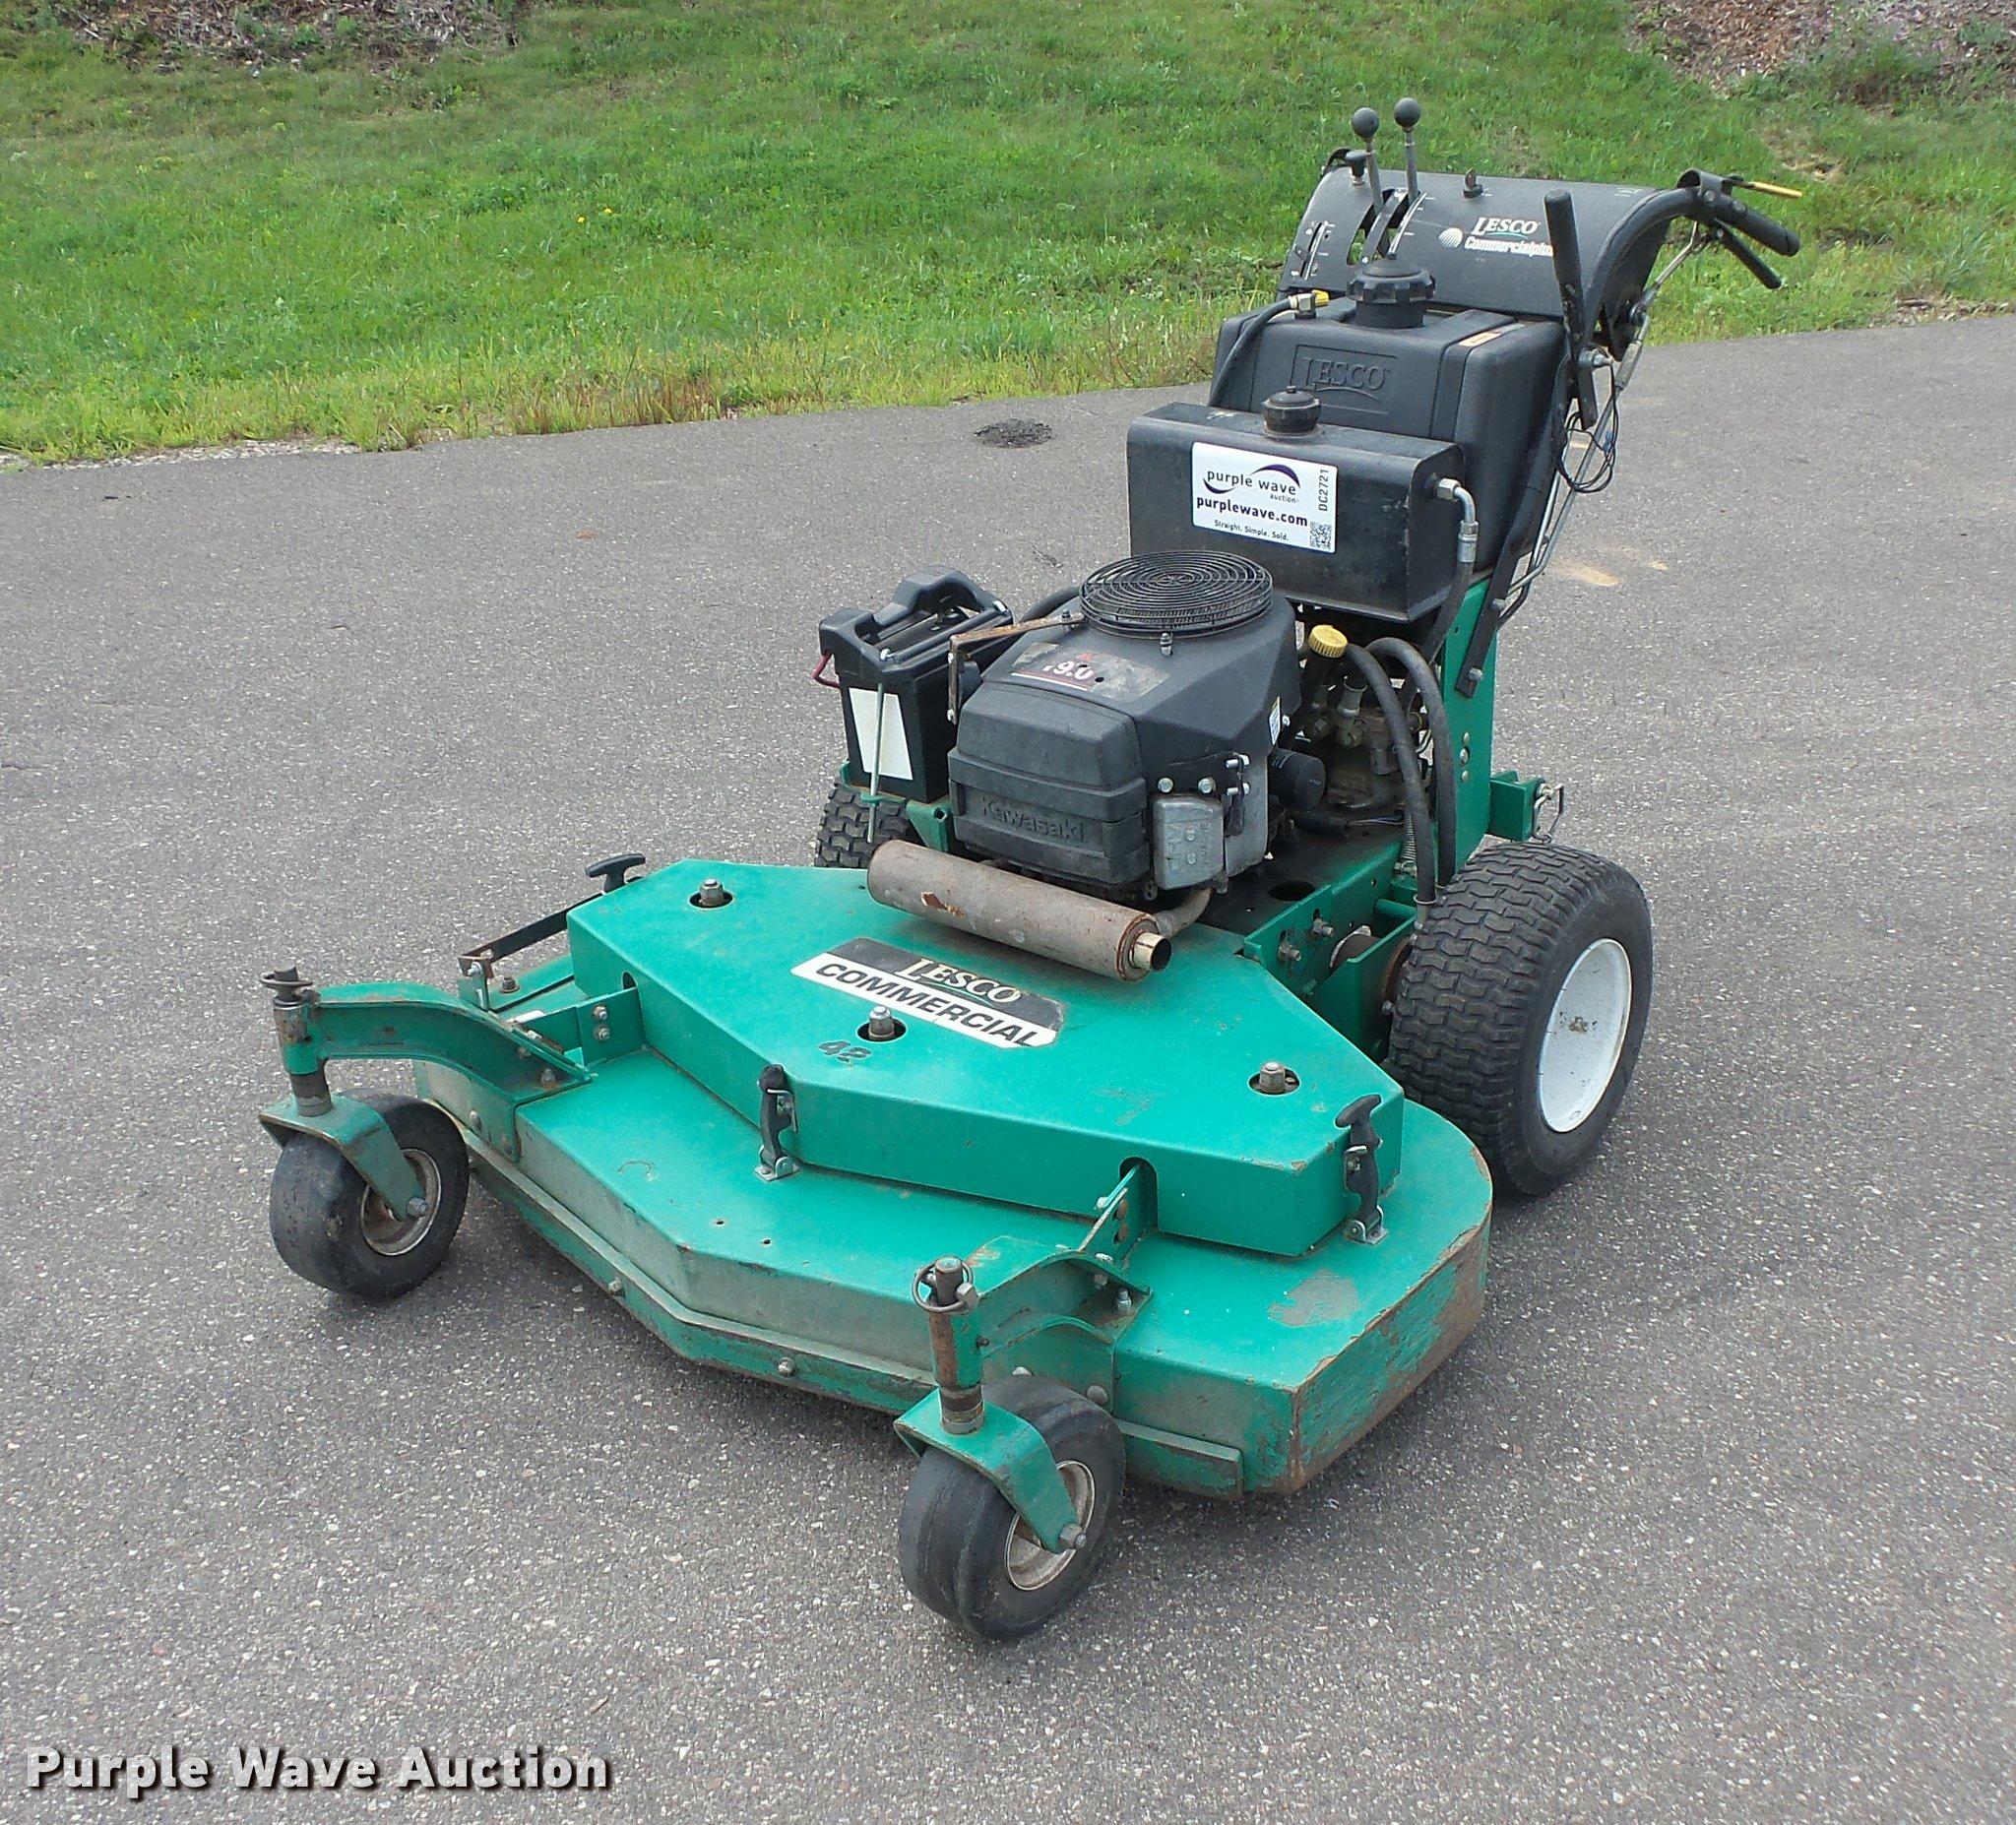 DC2721 image for item DC2721 Lesco Commercial Plus lawn mower